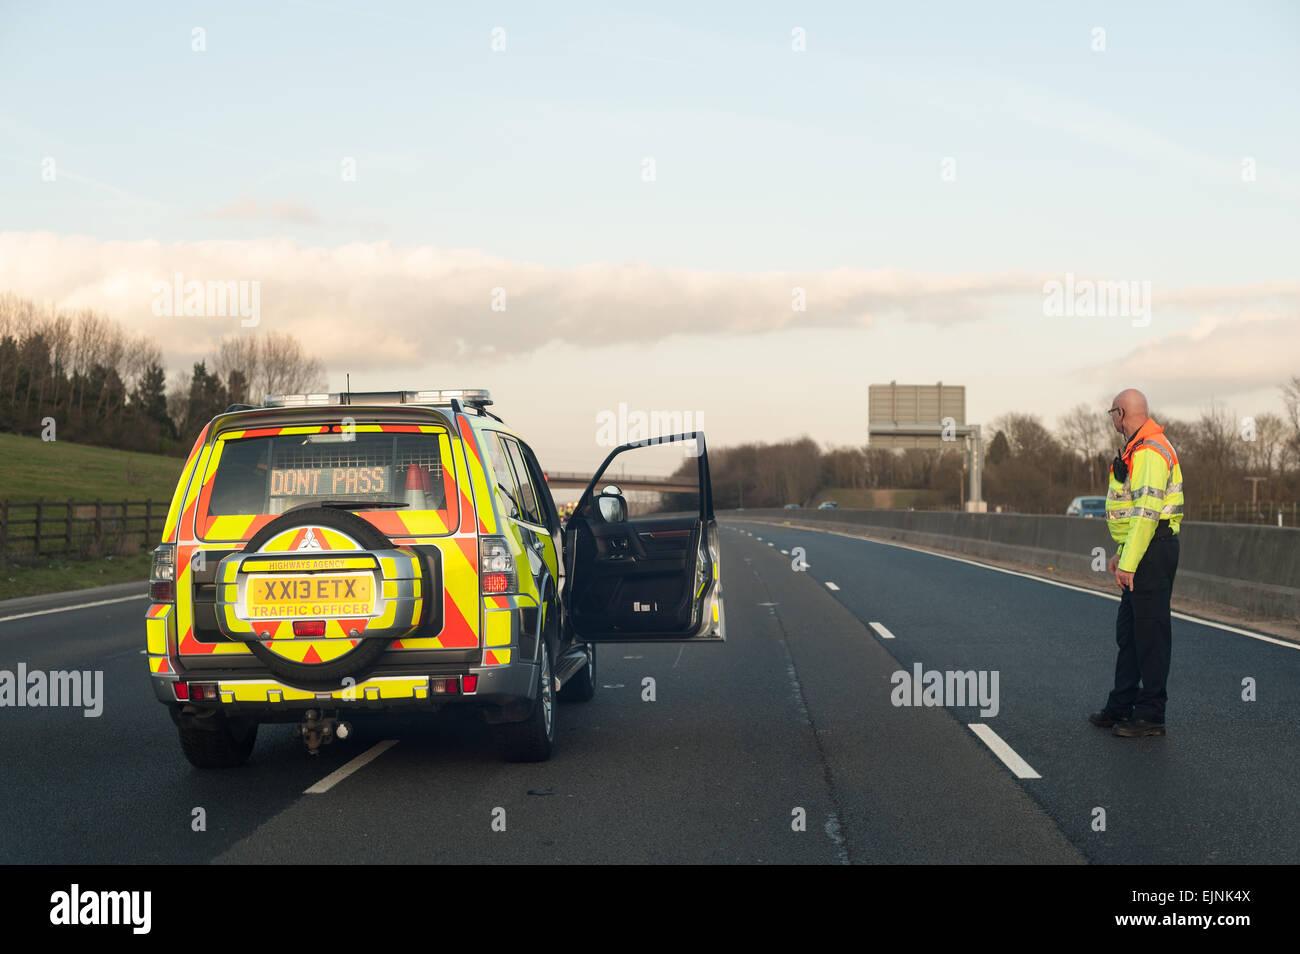 Gridlock motorway stockfotos bilder